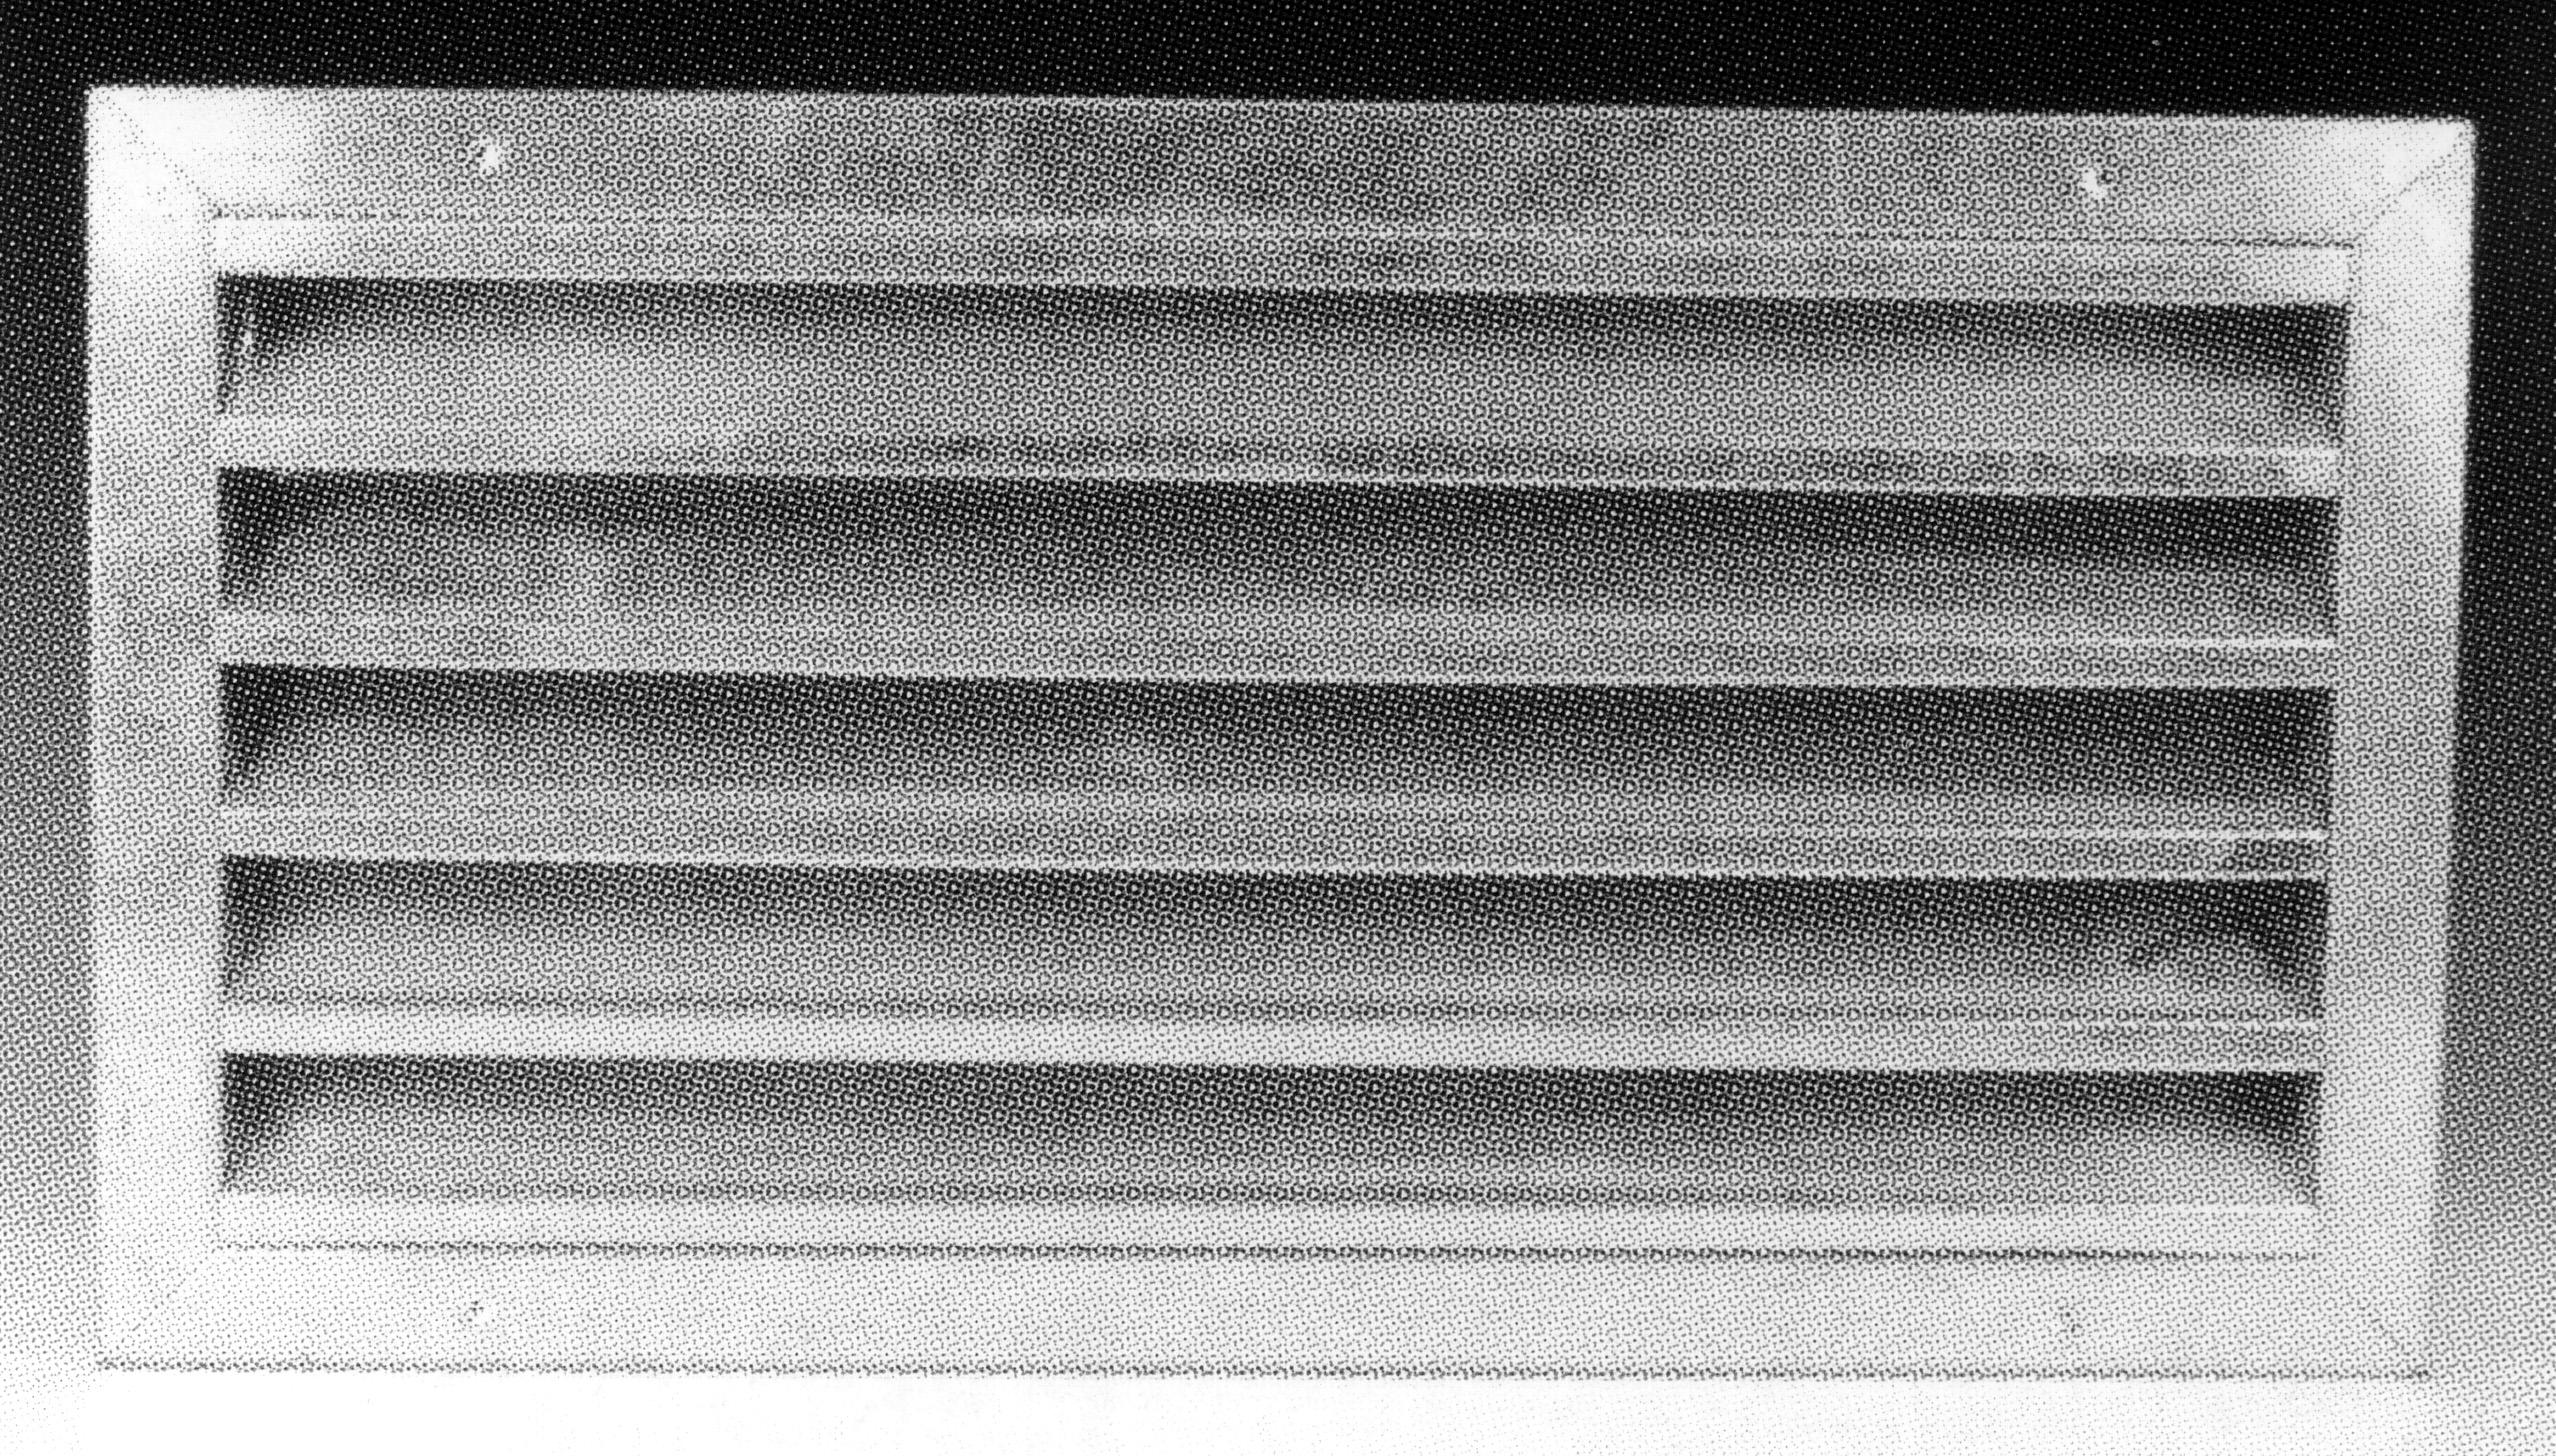 Griglia presa aria esterna in acciaio zincato con rete passo 50 dimensione 1000x1300 mm